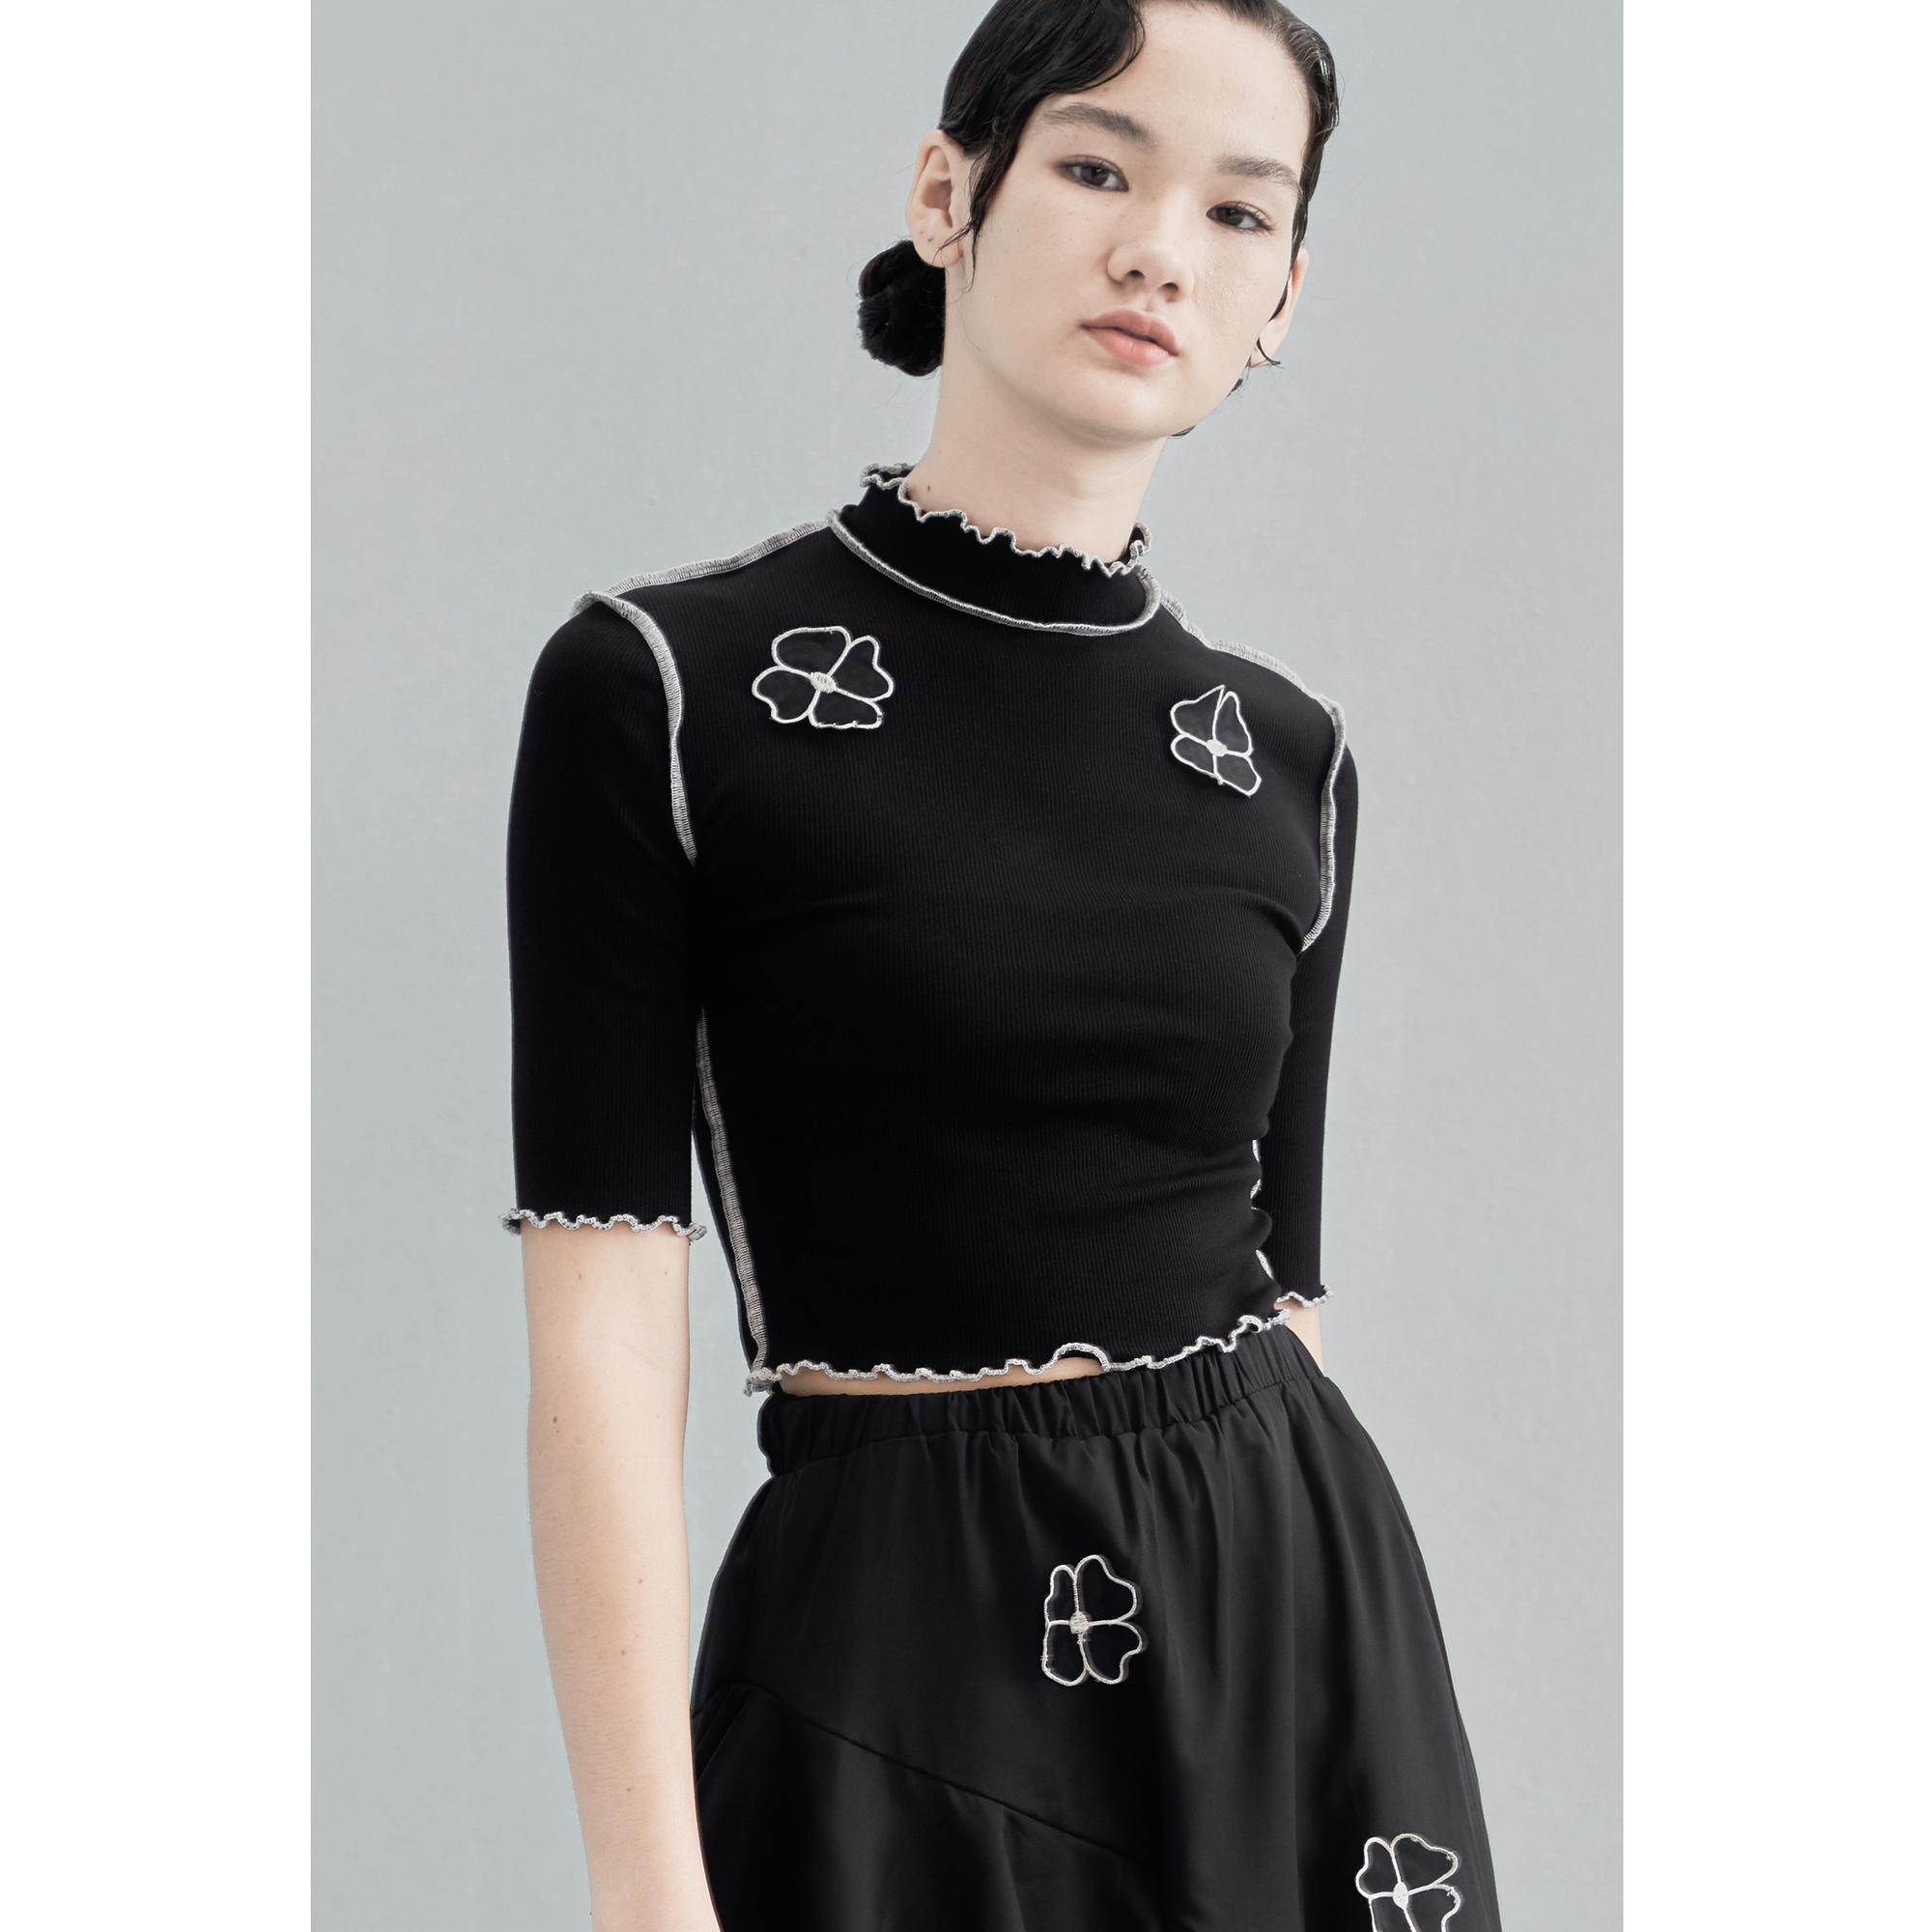 AnnoMundi原创设计短袖t恤女春夏季黑色薄款修身显瘦女装短款上衣